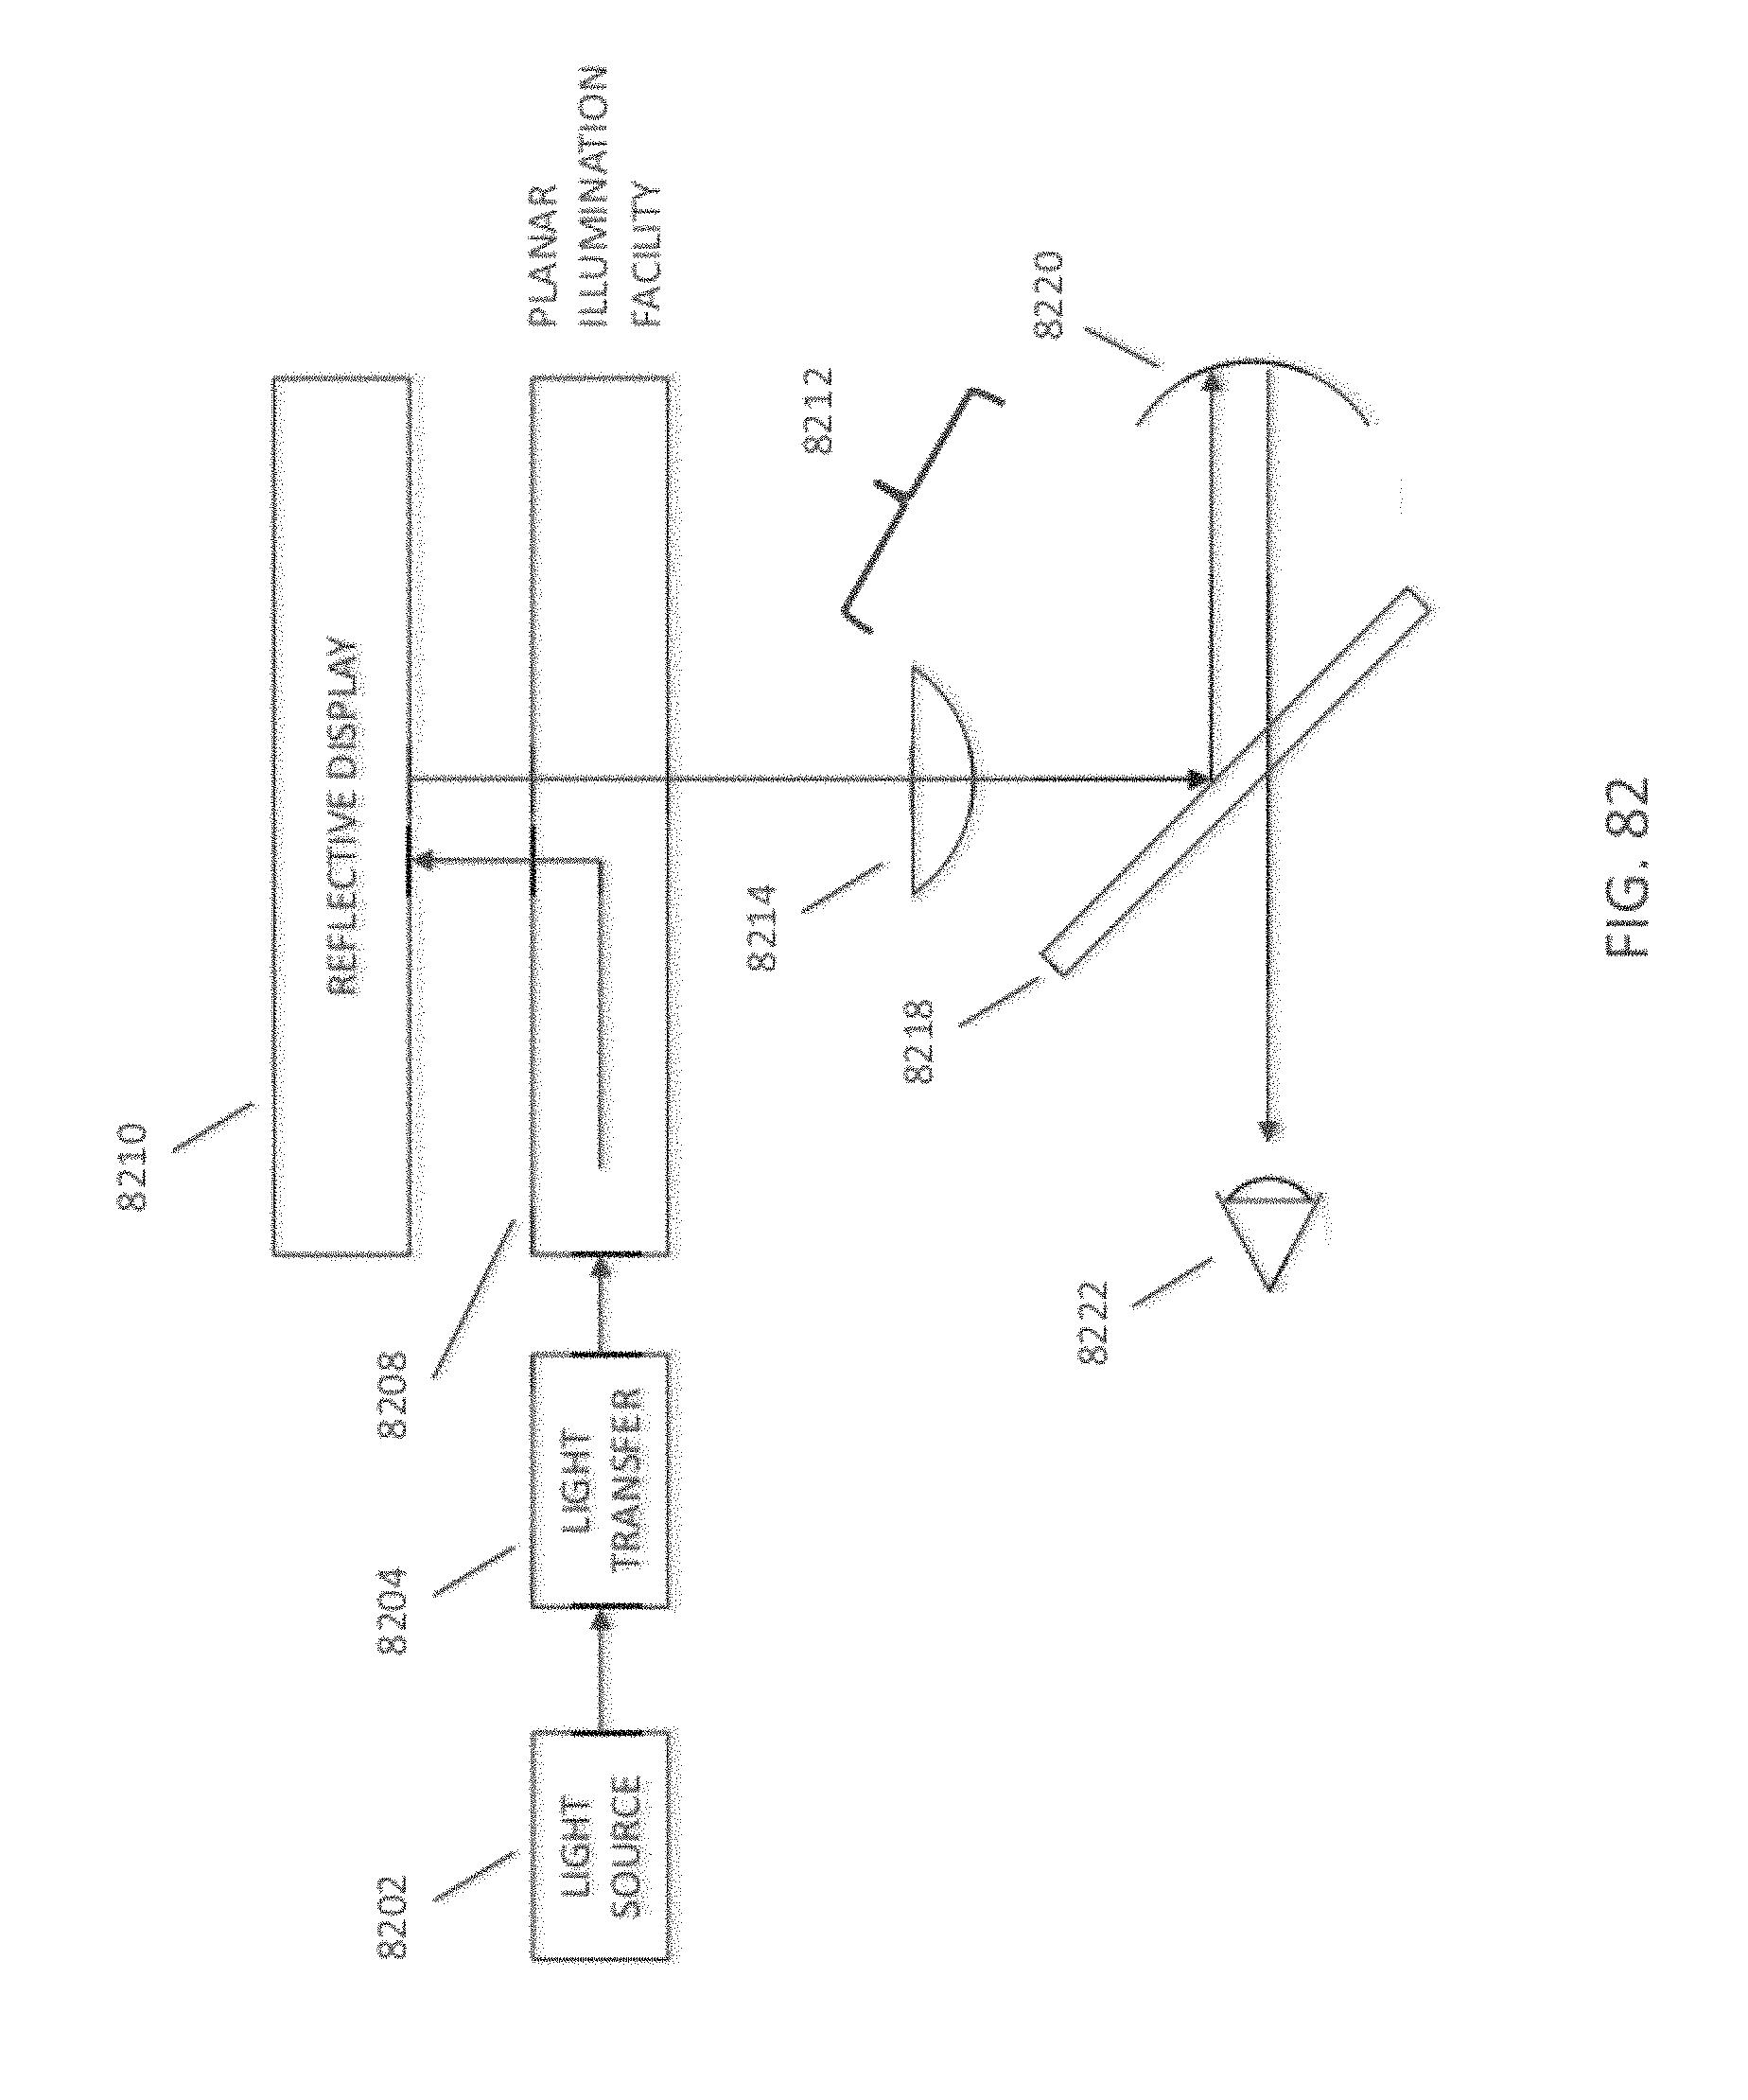 Patent Us 9759917 B2 Omap4 Block Diagram